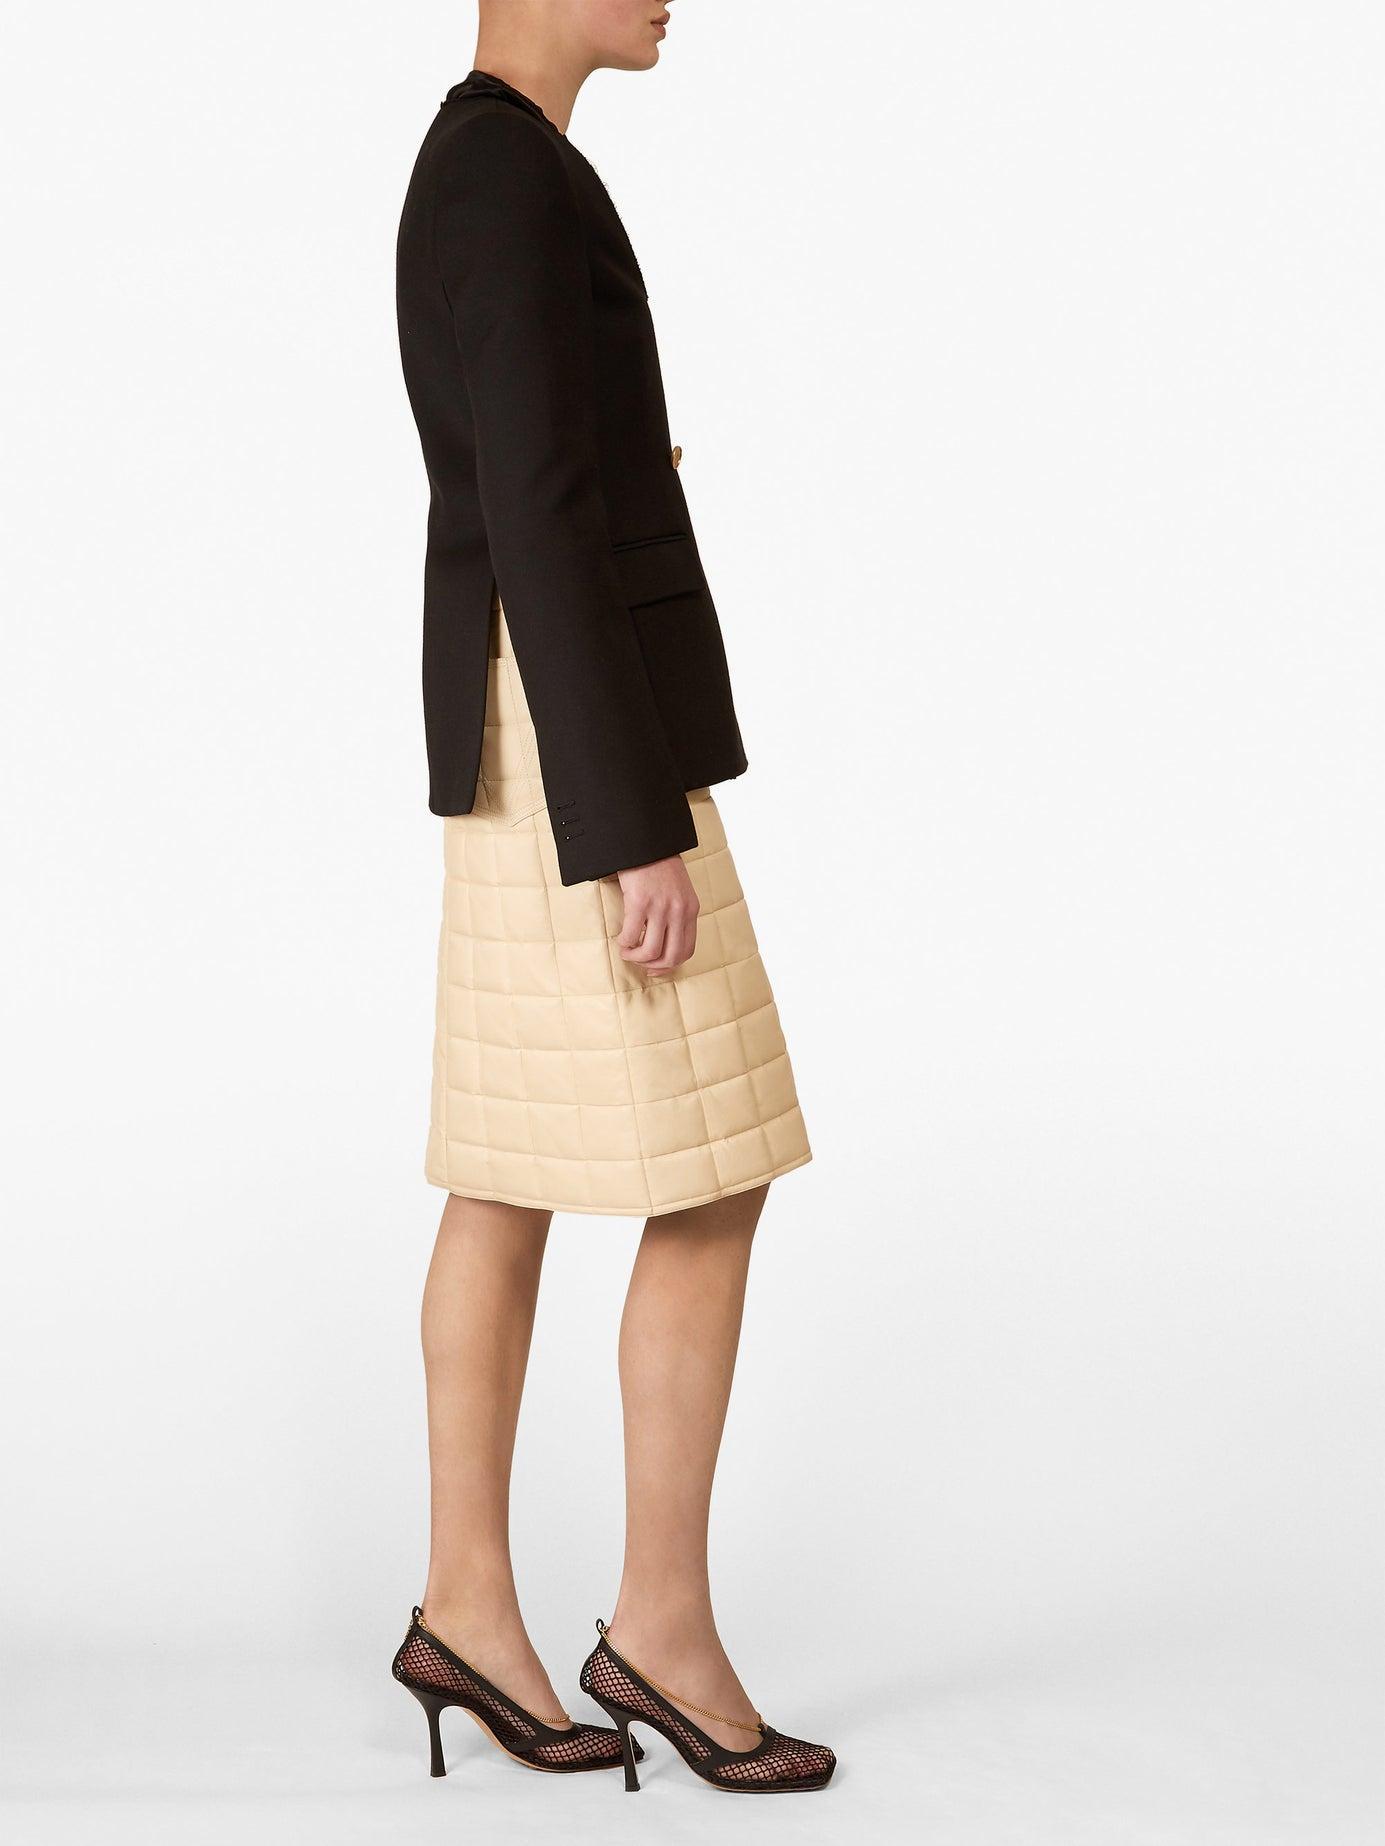 1d54fd774 Bottega Veneta High Rise Quilted Leather Skirt in White - Lyst